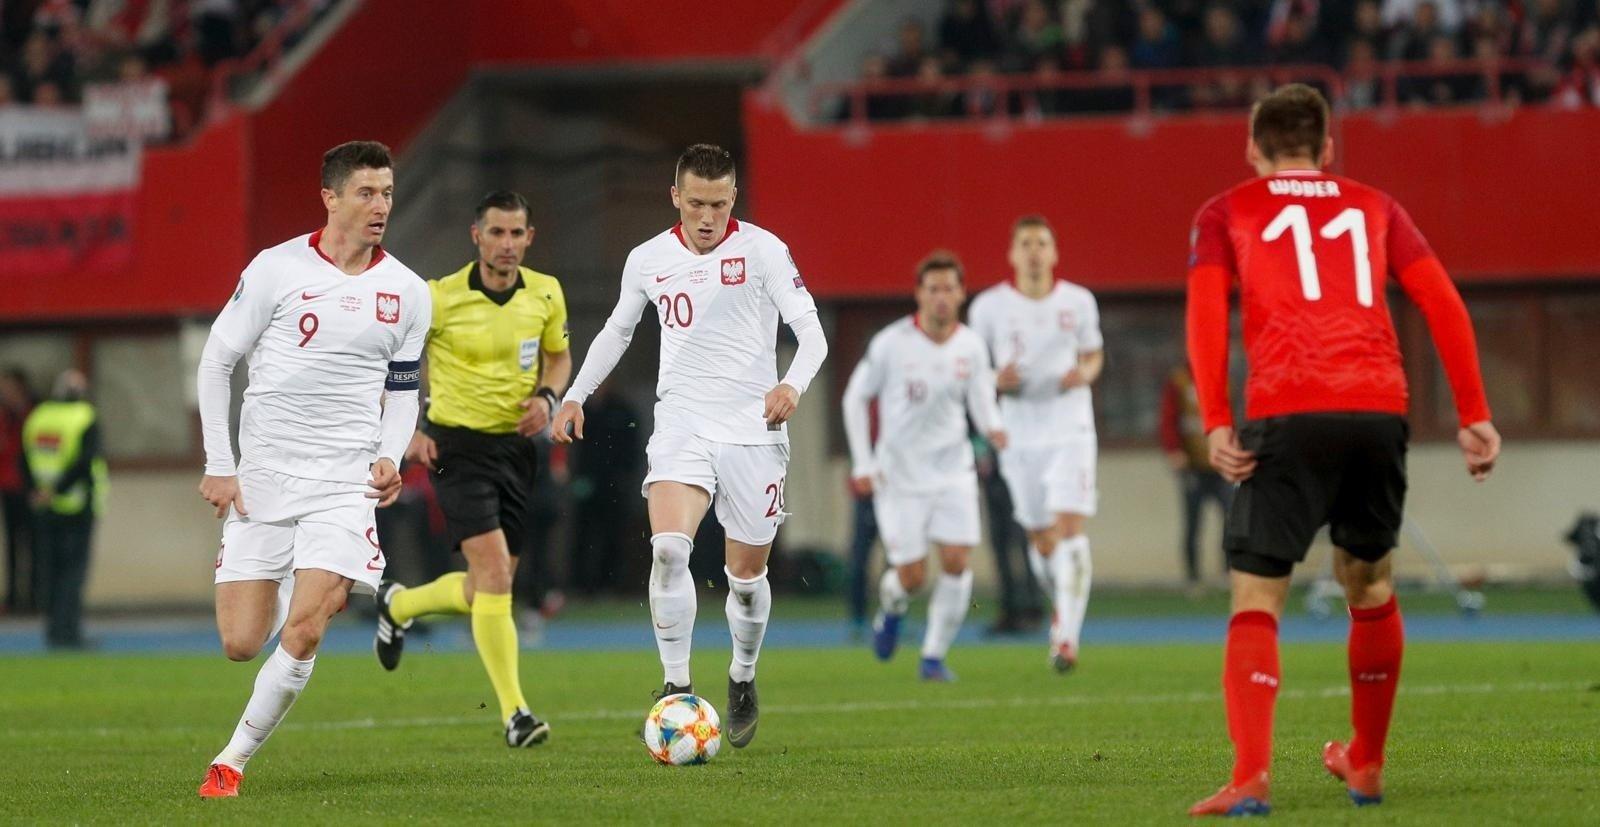 3904d0b6c Selekcjoner też musi się na własnej skórze przekonać do Piotra Zielińskiego  w roli fałszywego lewego pomocnika